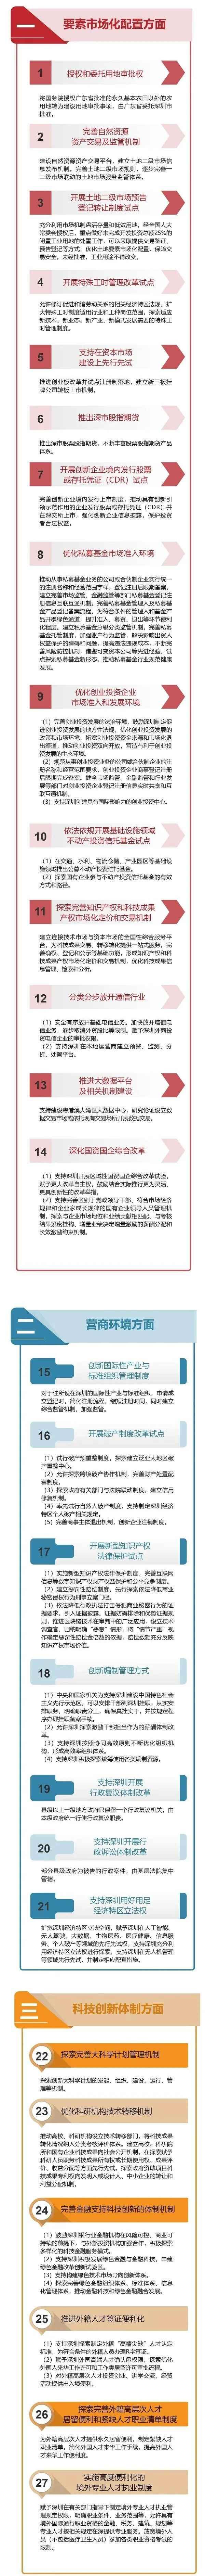 深圳礼包清单来了!推出深证指数期货,查看前40个授权项目列表